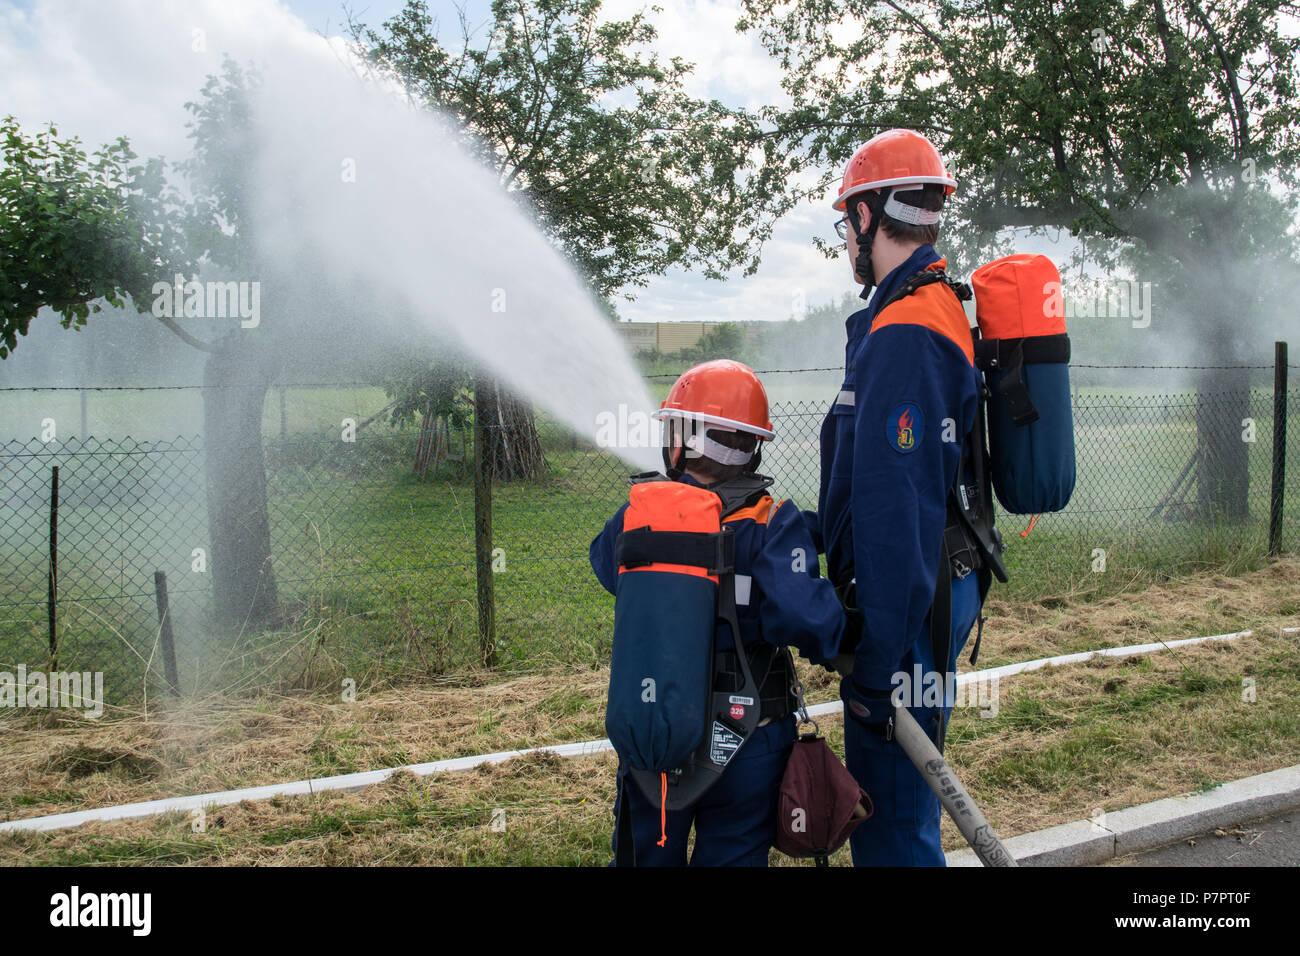 Schauübung der Jugendfeuerwehr der Freiwilligen Feuerwehr Stuttgart-Stammheim am Tag der offenen Tür, Deutschland - Stock Image